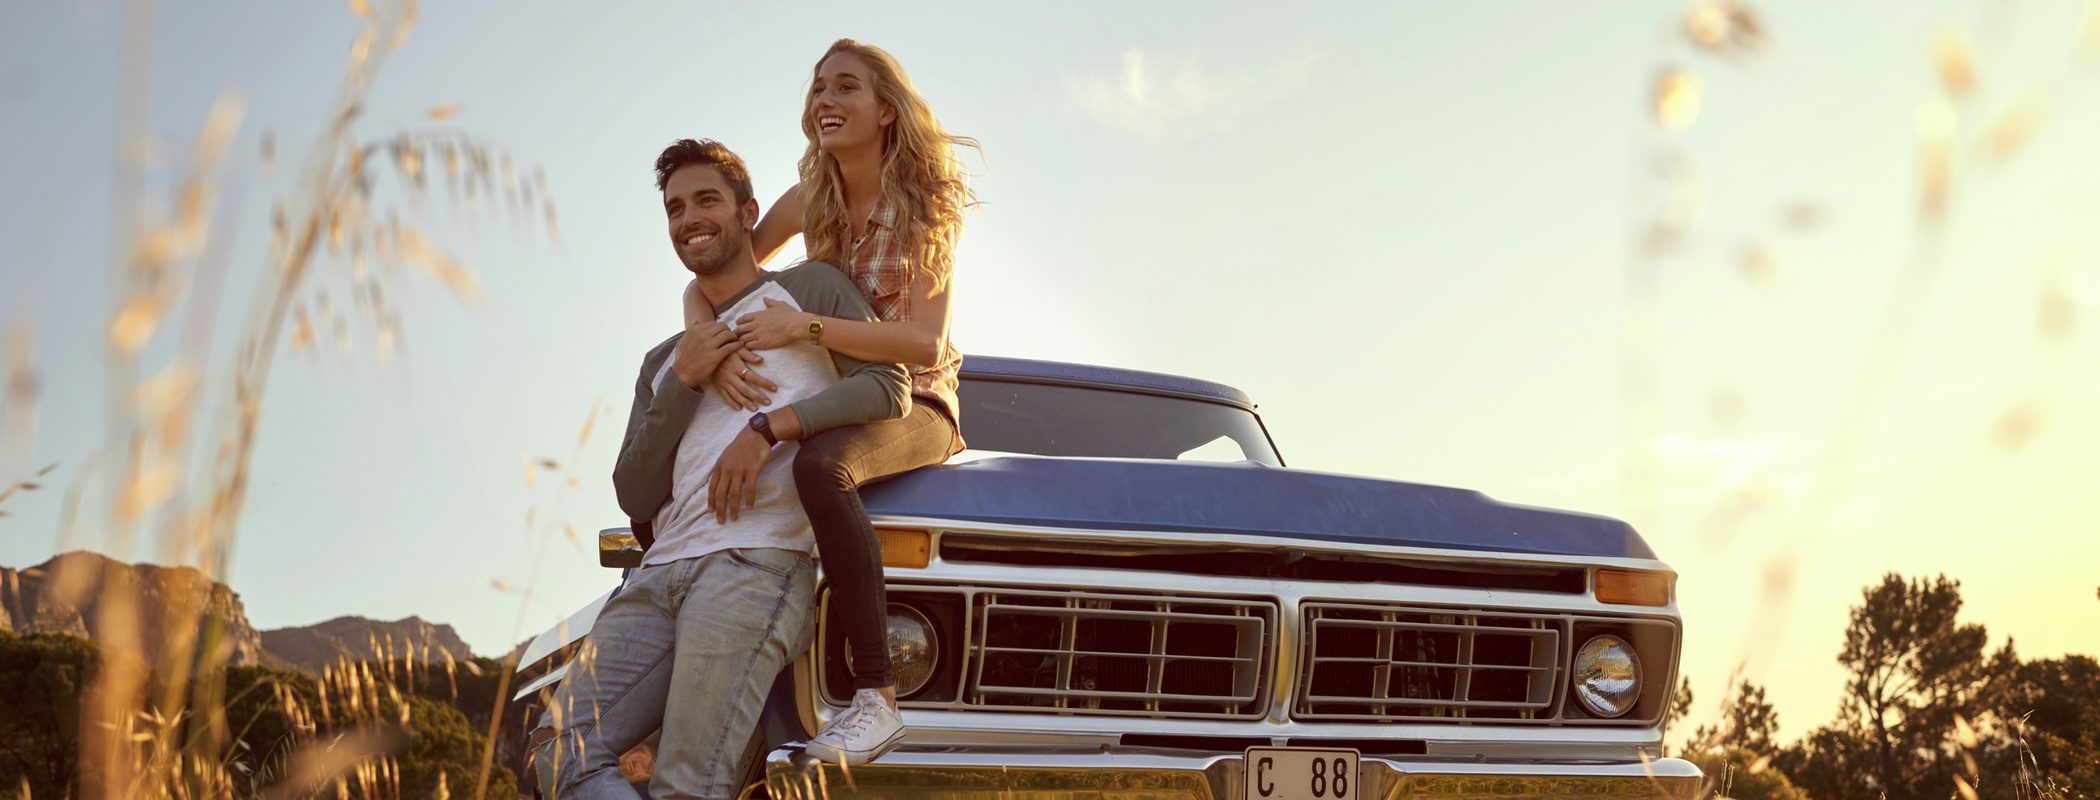 5 detalles para soprender a tu novio en vacaciones